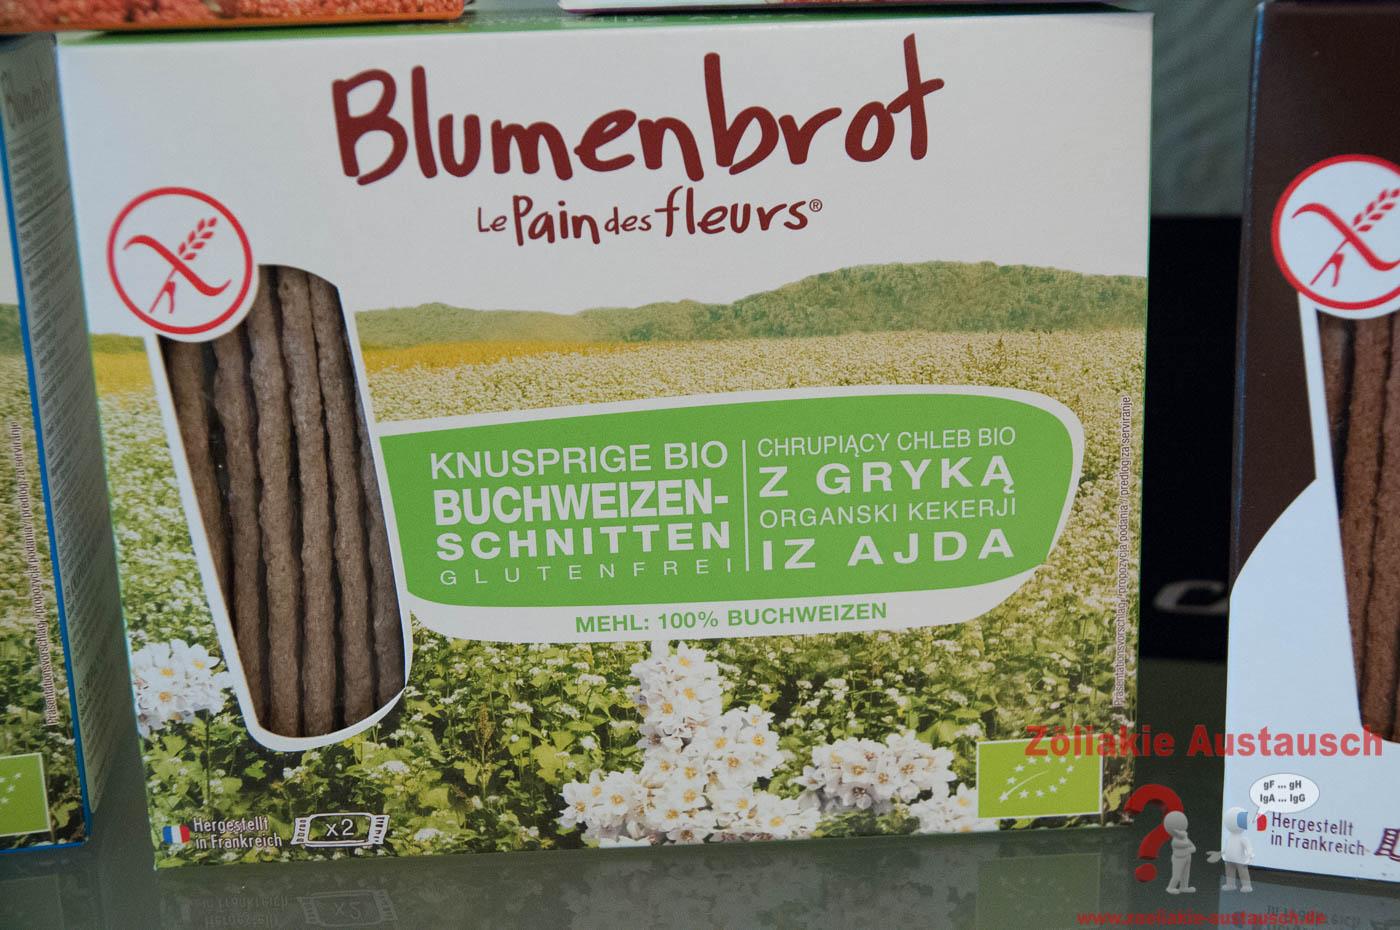 Zoeliakie_Austausch_Blumenbrot-007